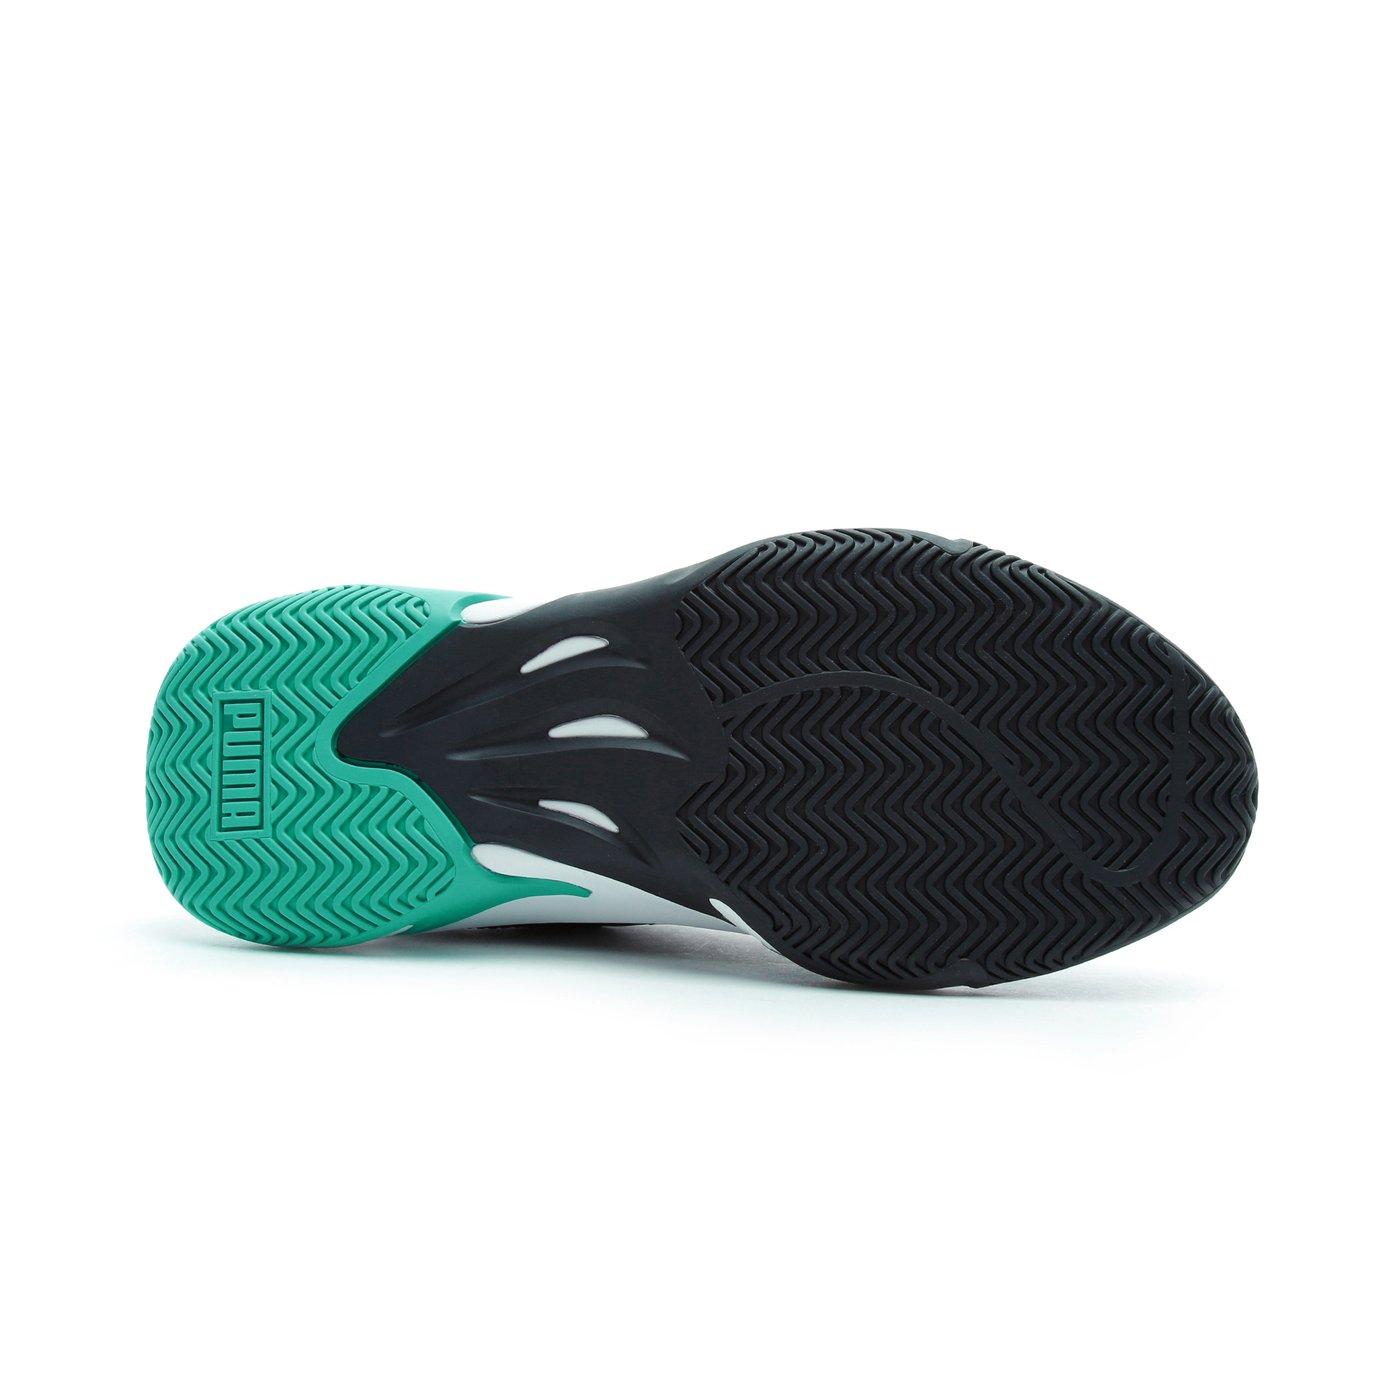 Puma Storm Origin Kadın Siyah-Lacivert Spor Ayakkabı